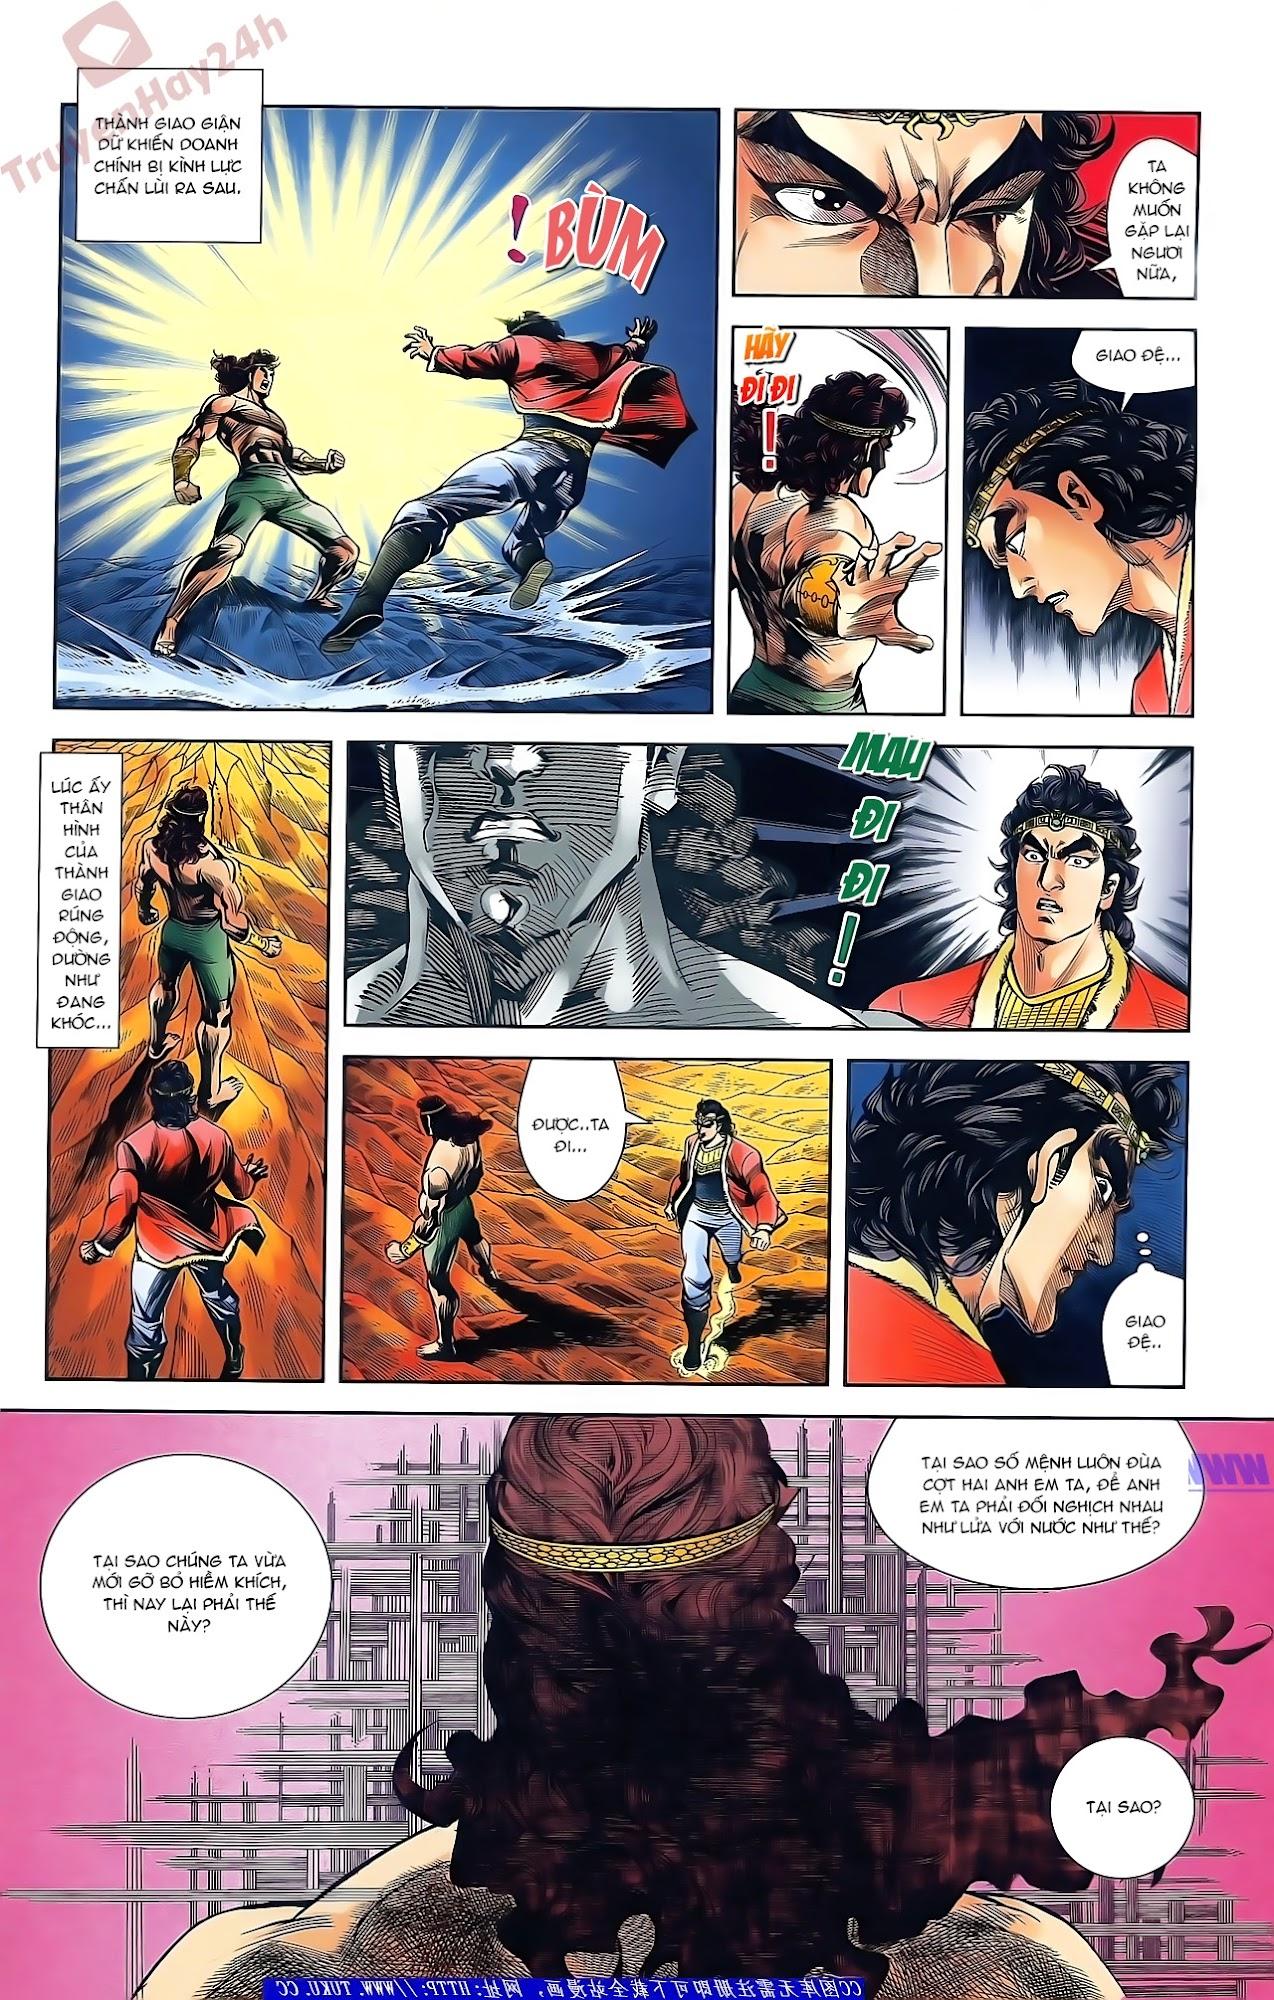 Tần Vương Doanh Chính chapter 45 trang 14